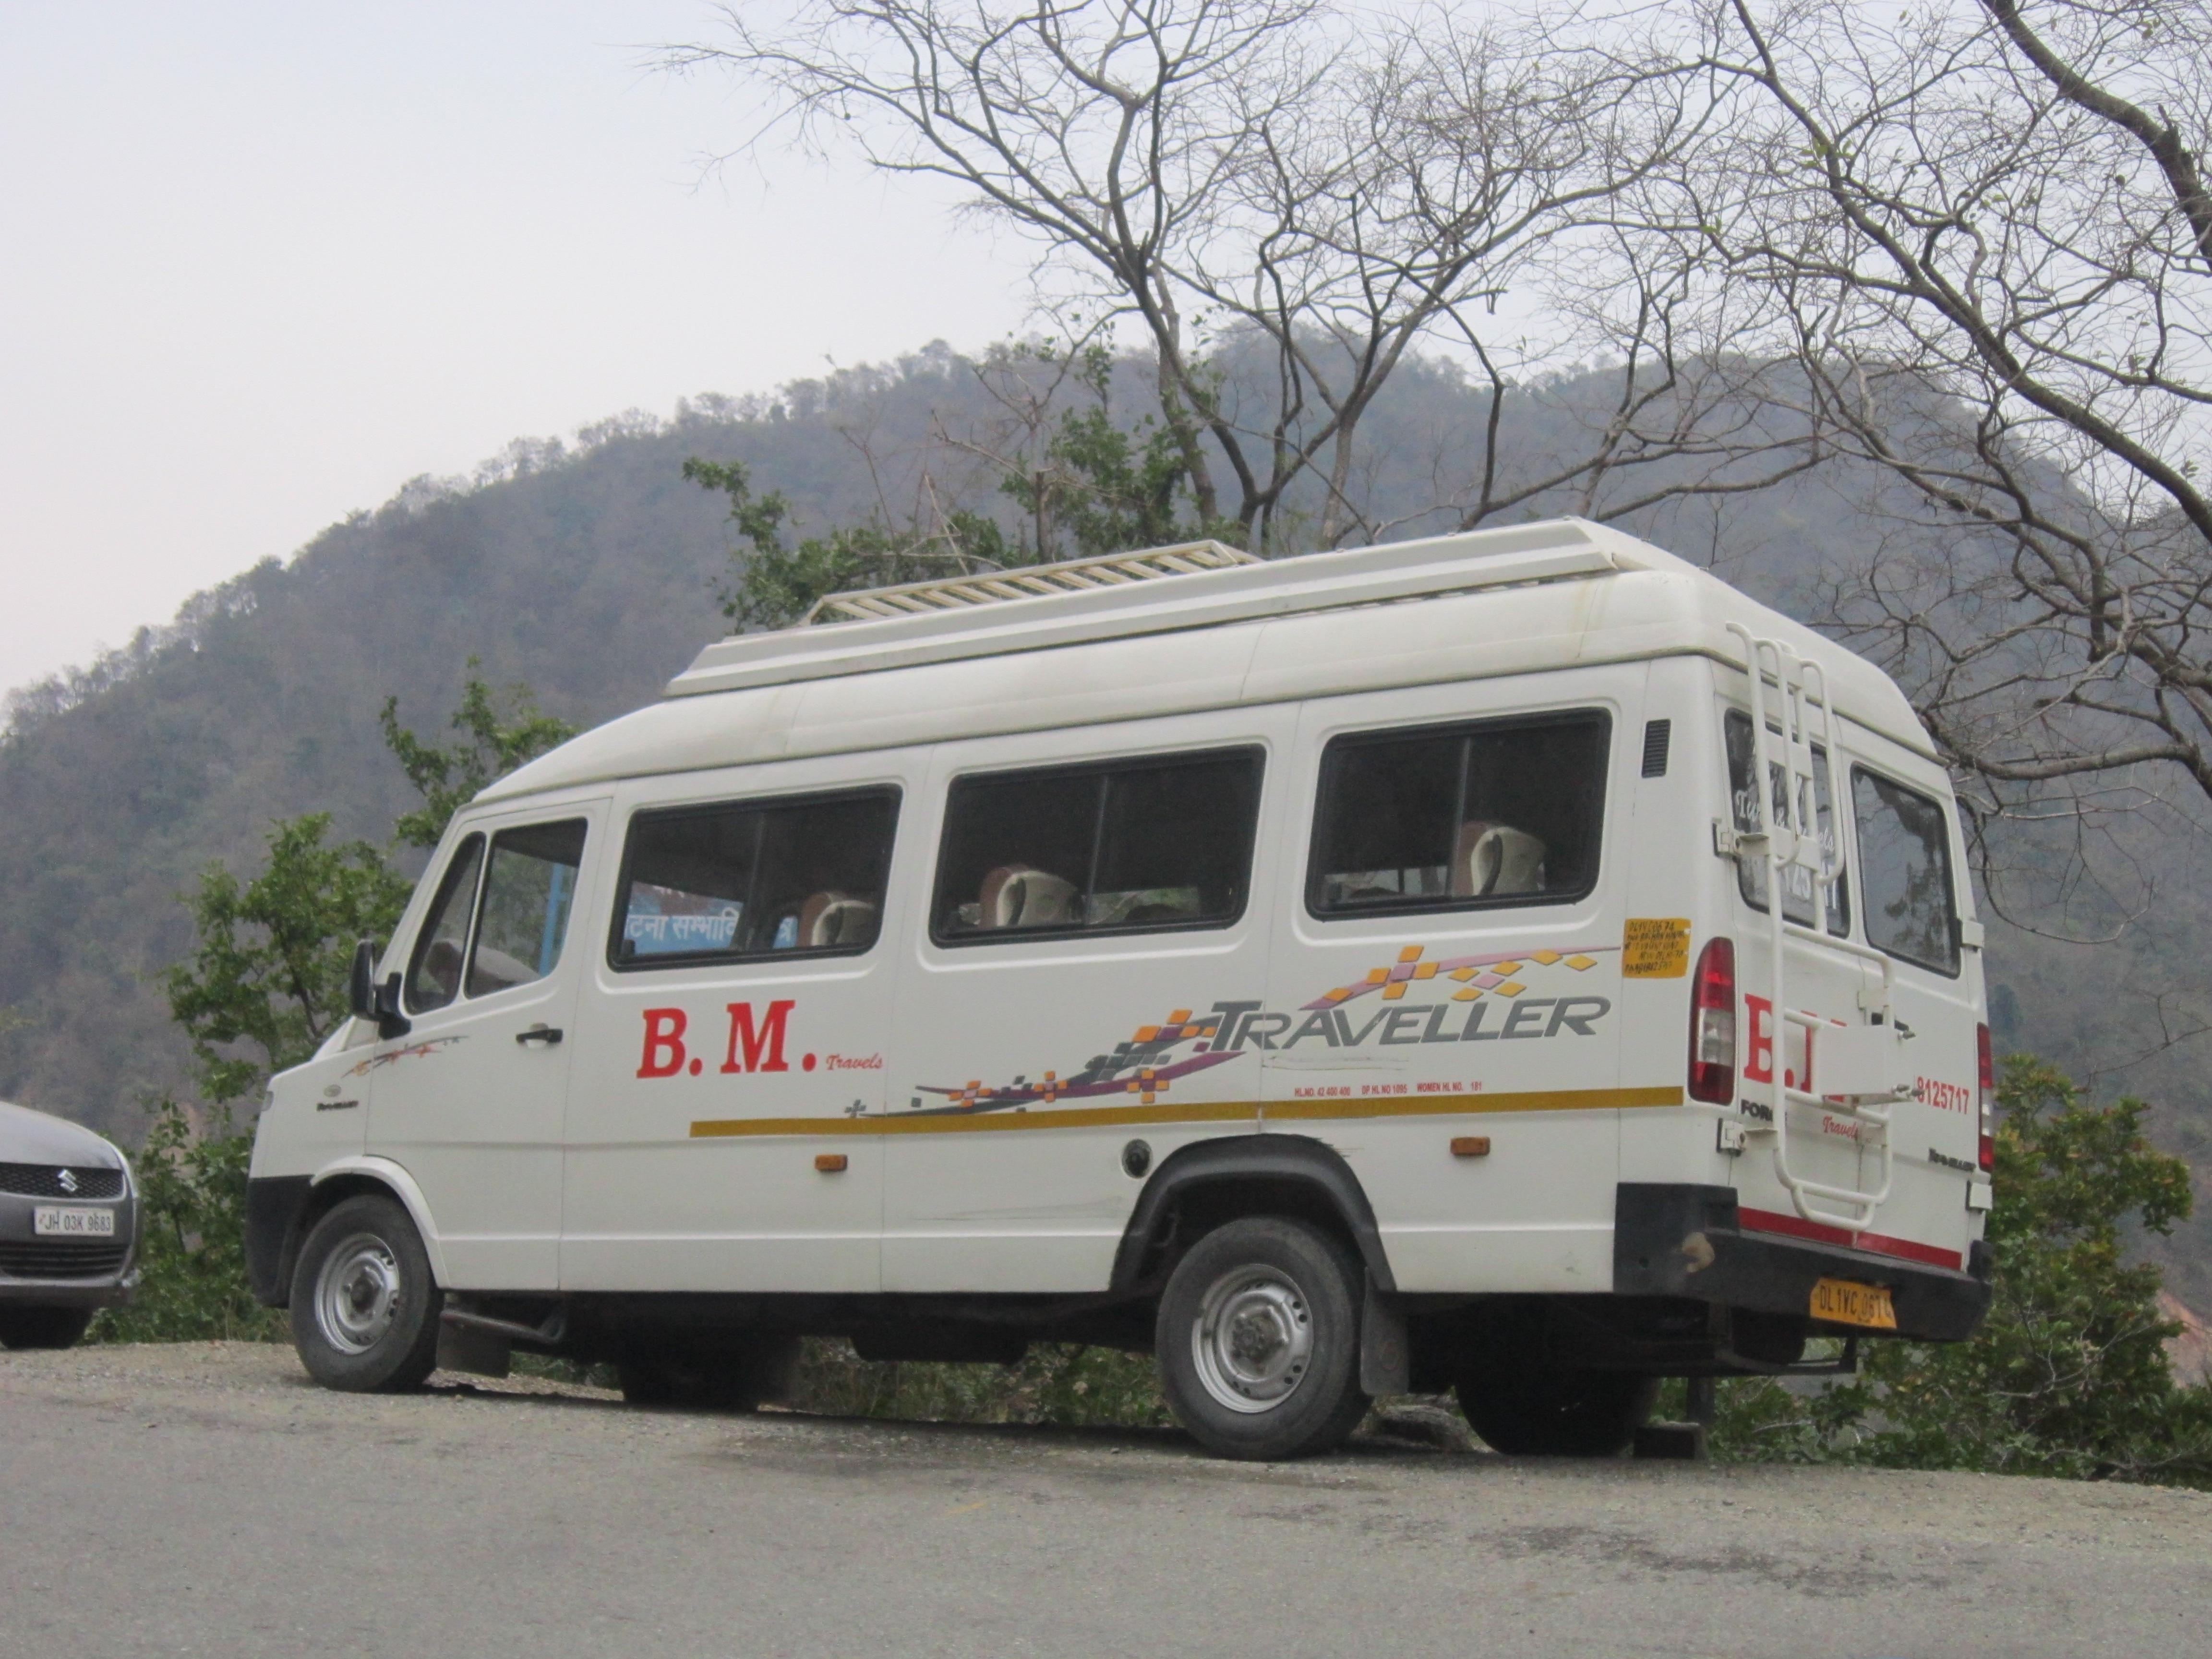 B M Taxi Service